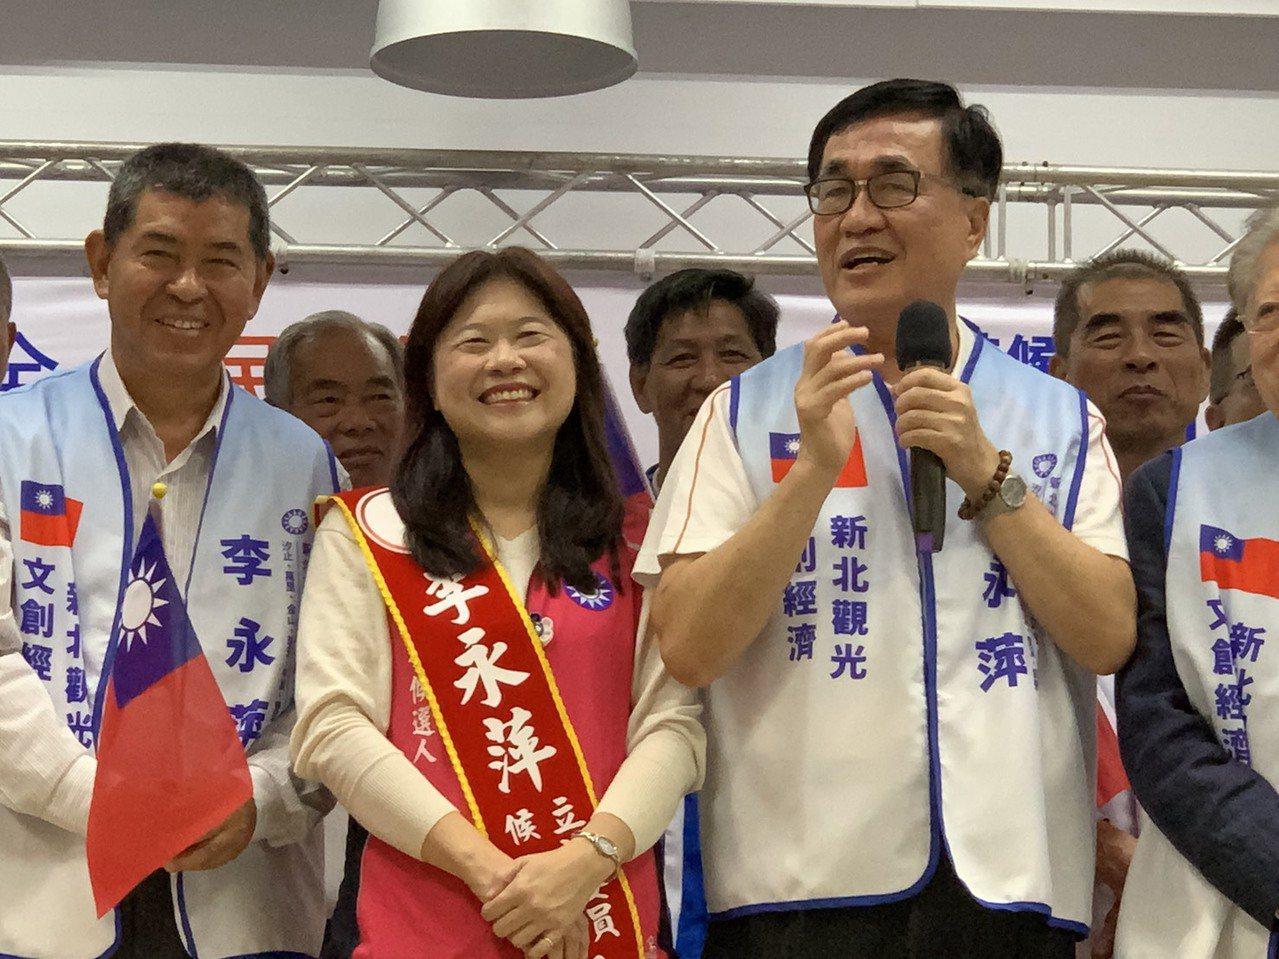 韓國瑜、李永萍雙溪、平溪聯合總部成立,李四川來加持。圖/李永萍服務處提供